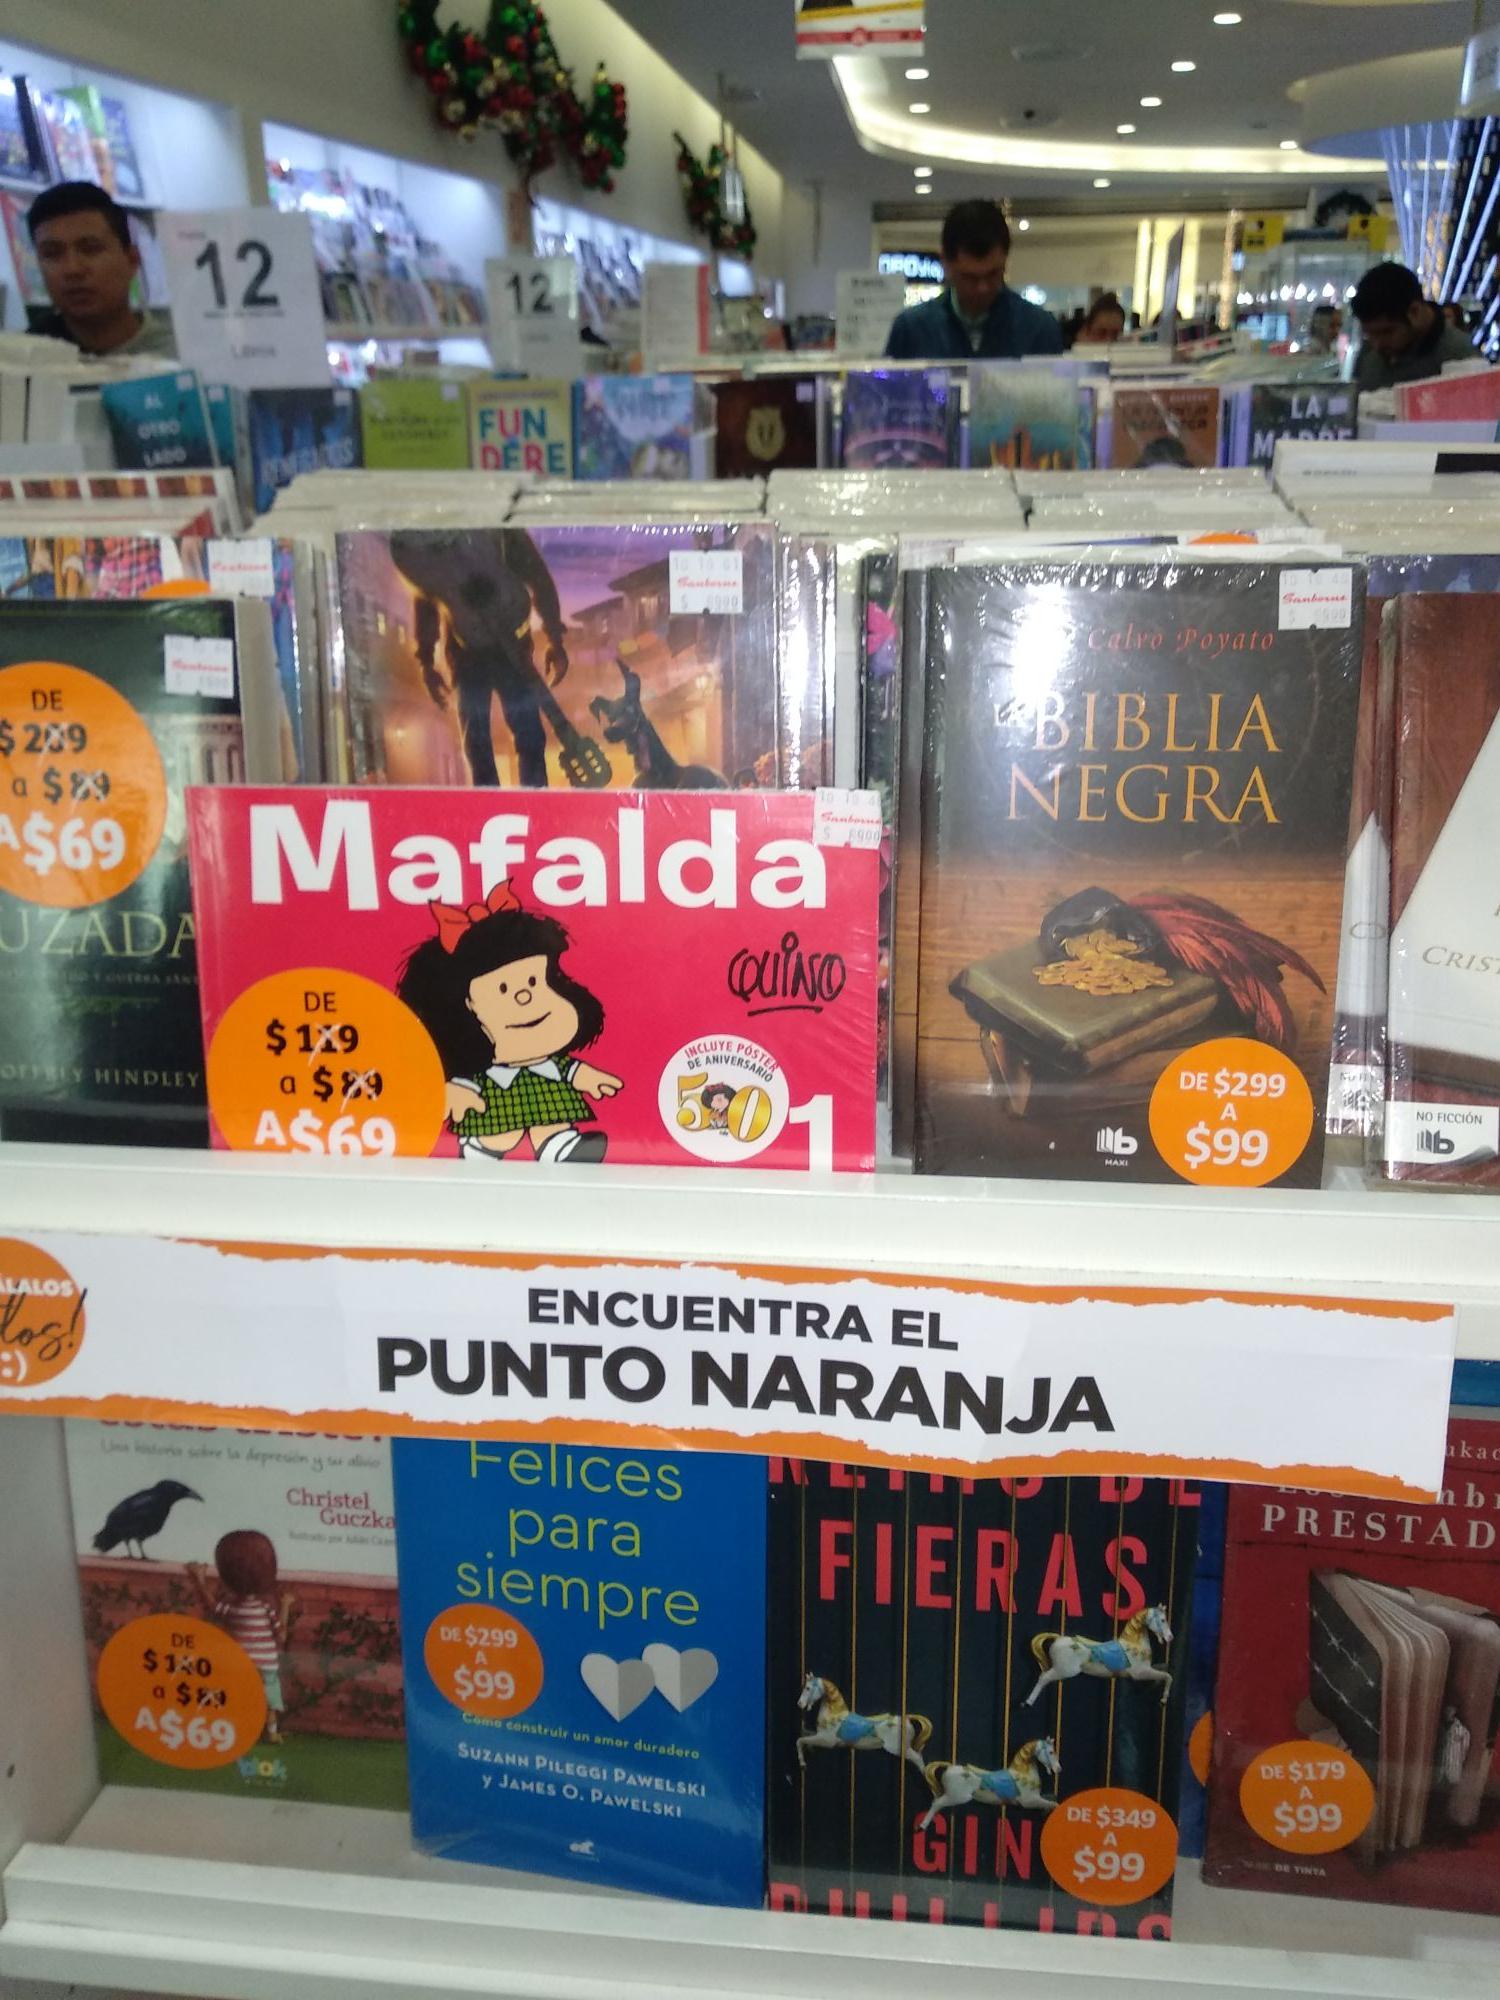 Sanborns: Libros desde 69 pesos NUEVOS TÍTULOS DISPONIBLES(precios normales hasta de 470)